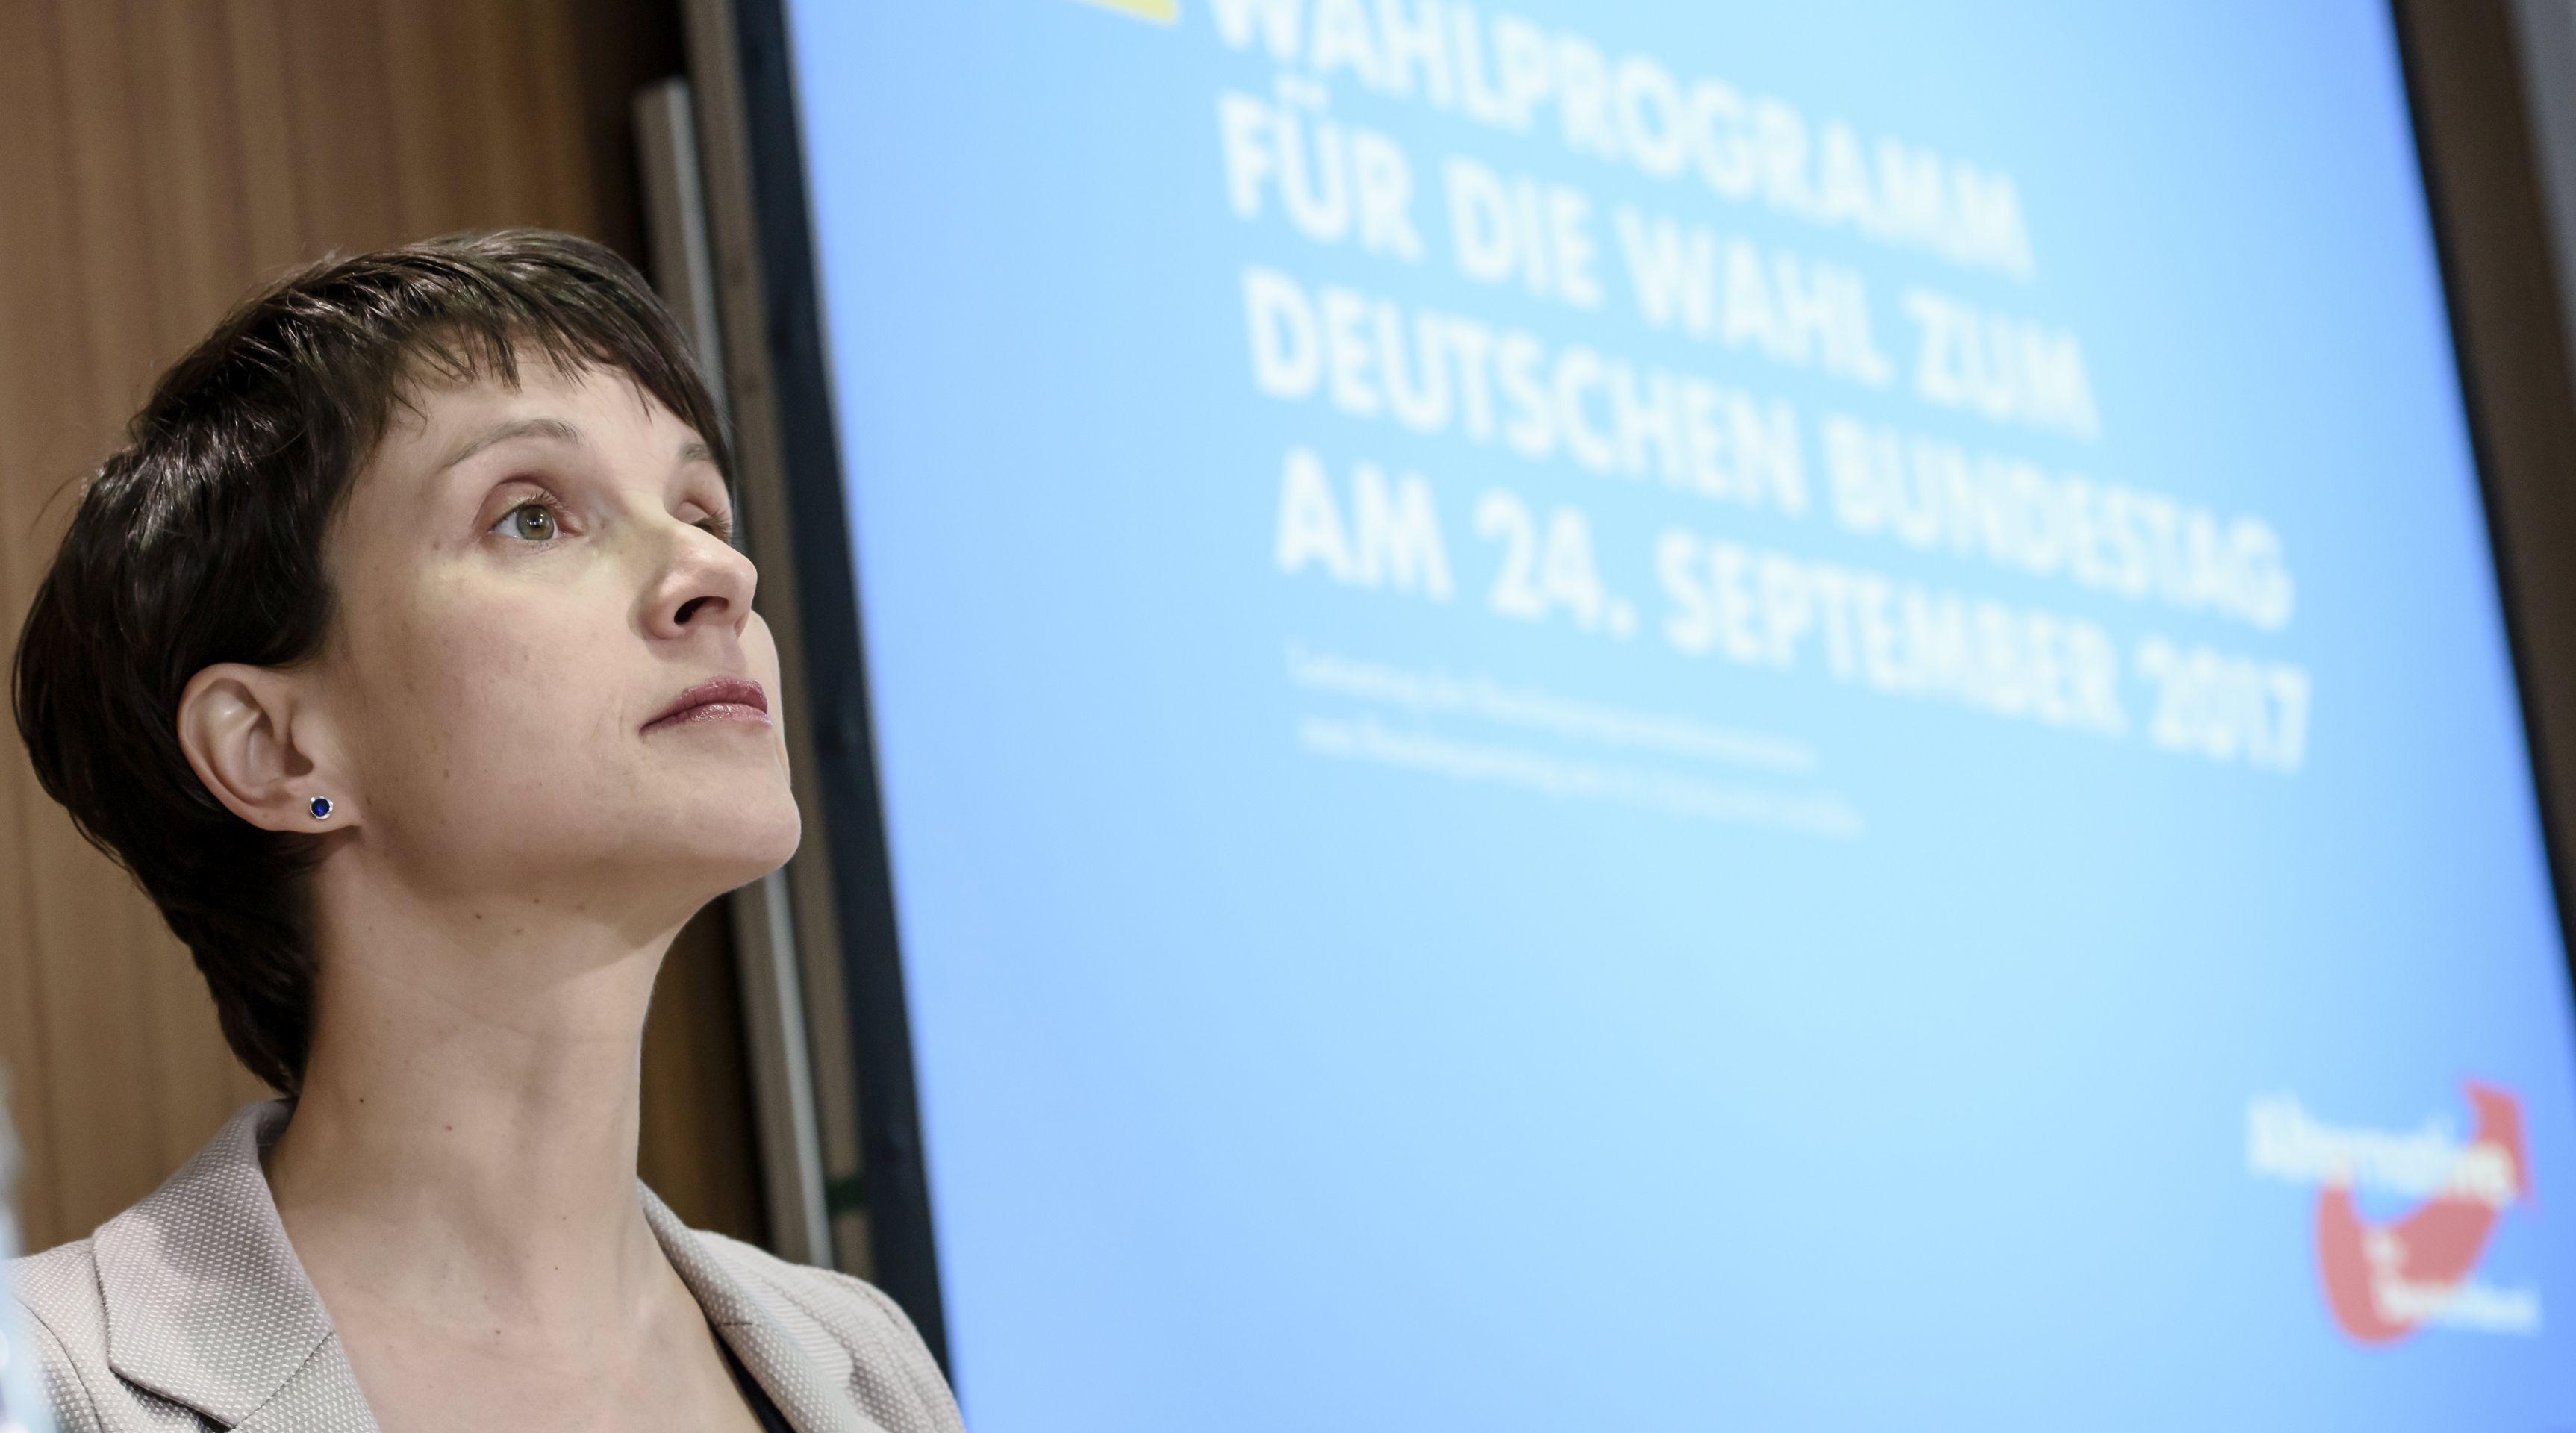 AfD-ova Frauke Petry odustala od kandidature na nadolazećim parlamentarnim izborima